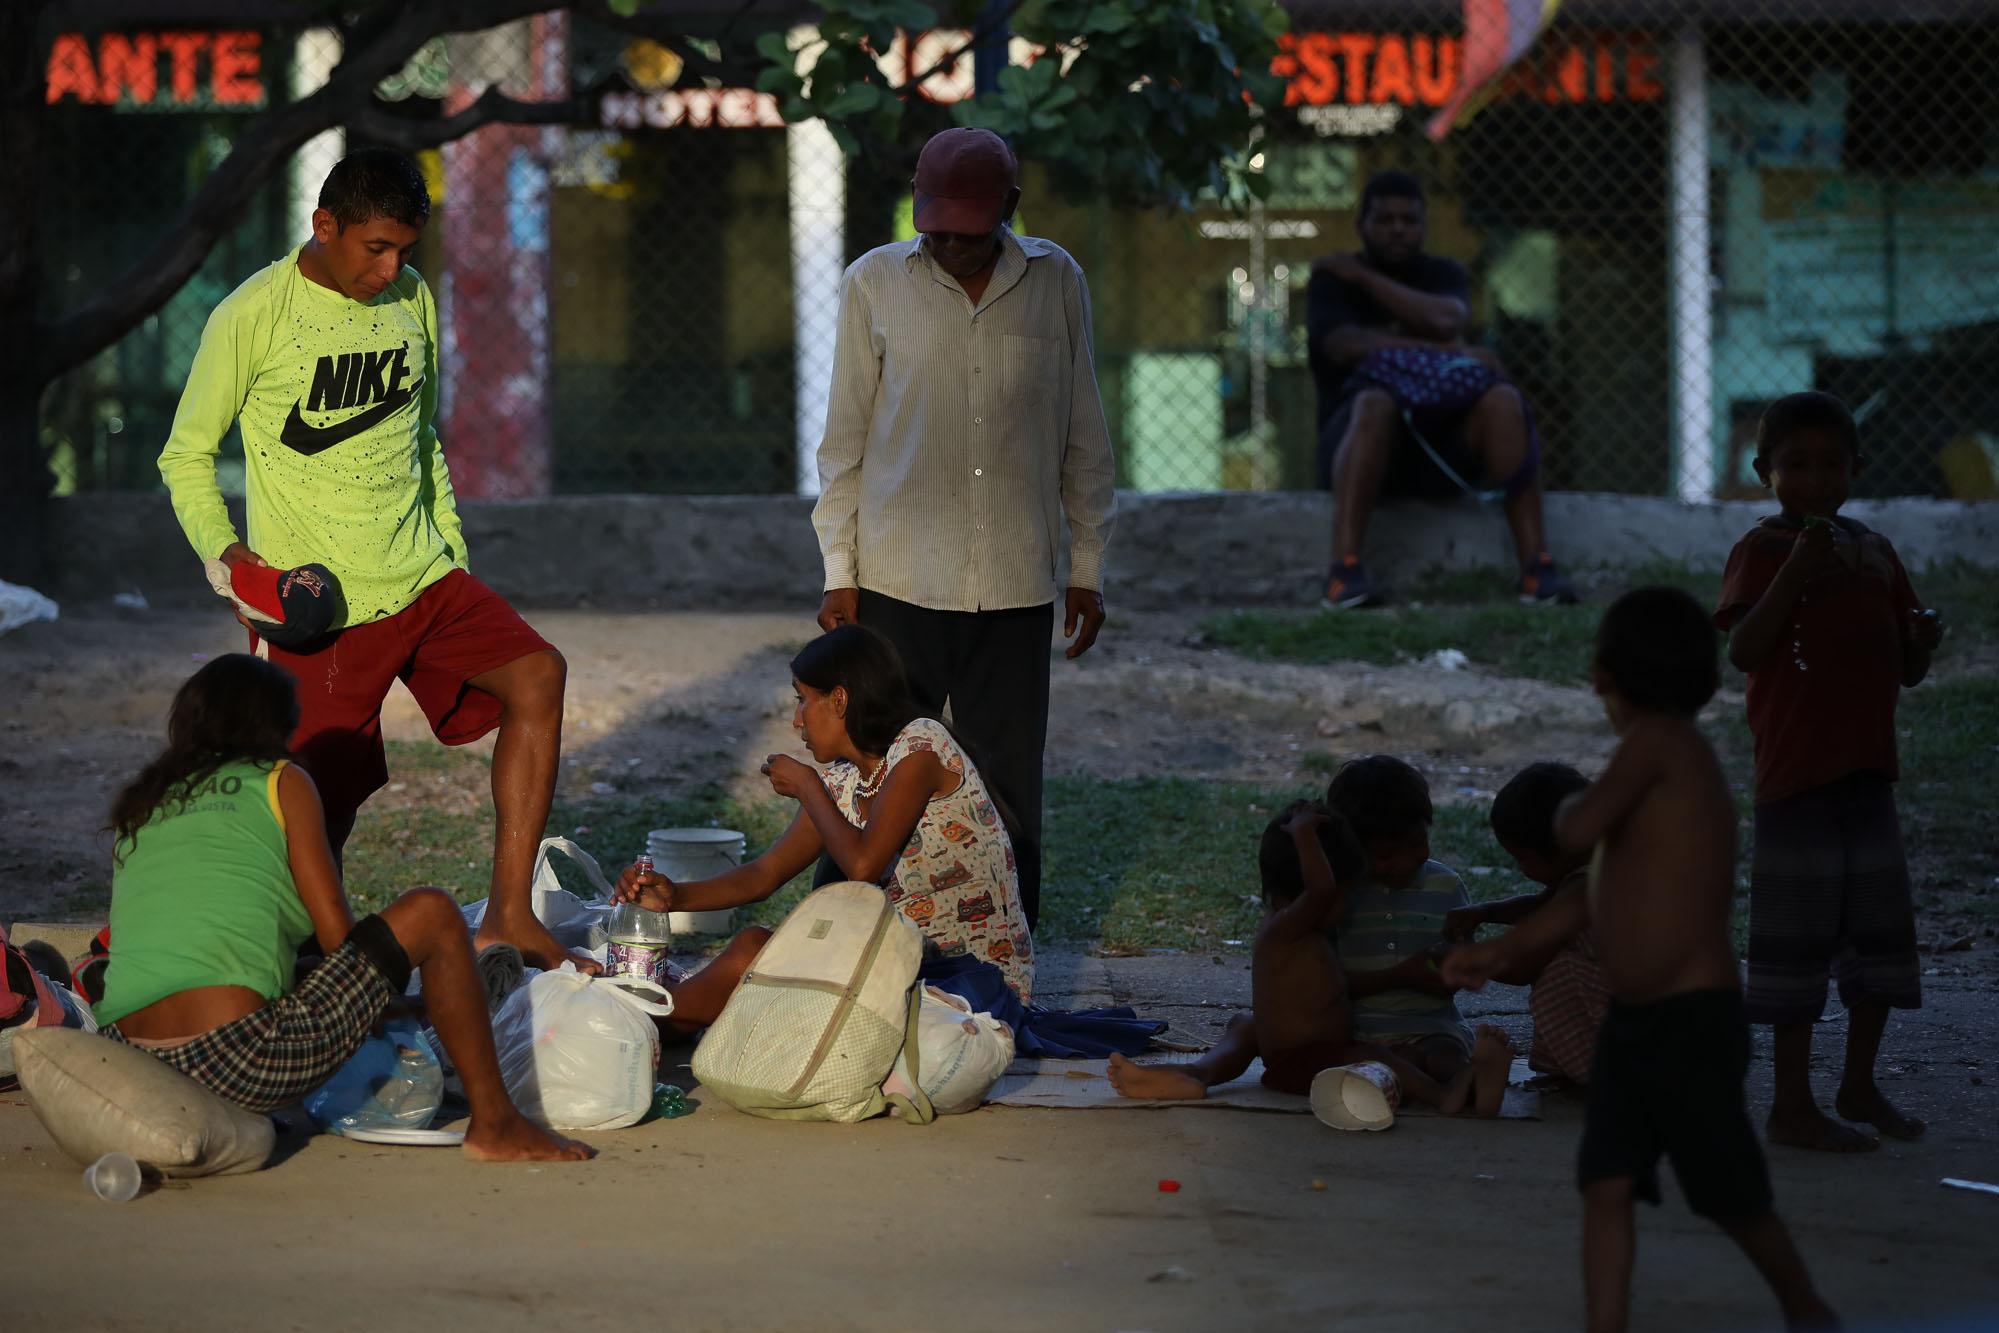 Coronavírus: Amazonas e Pará registram quatro casos em indígenas venezuelanos. Um homem Warao morreu